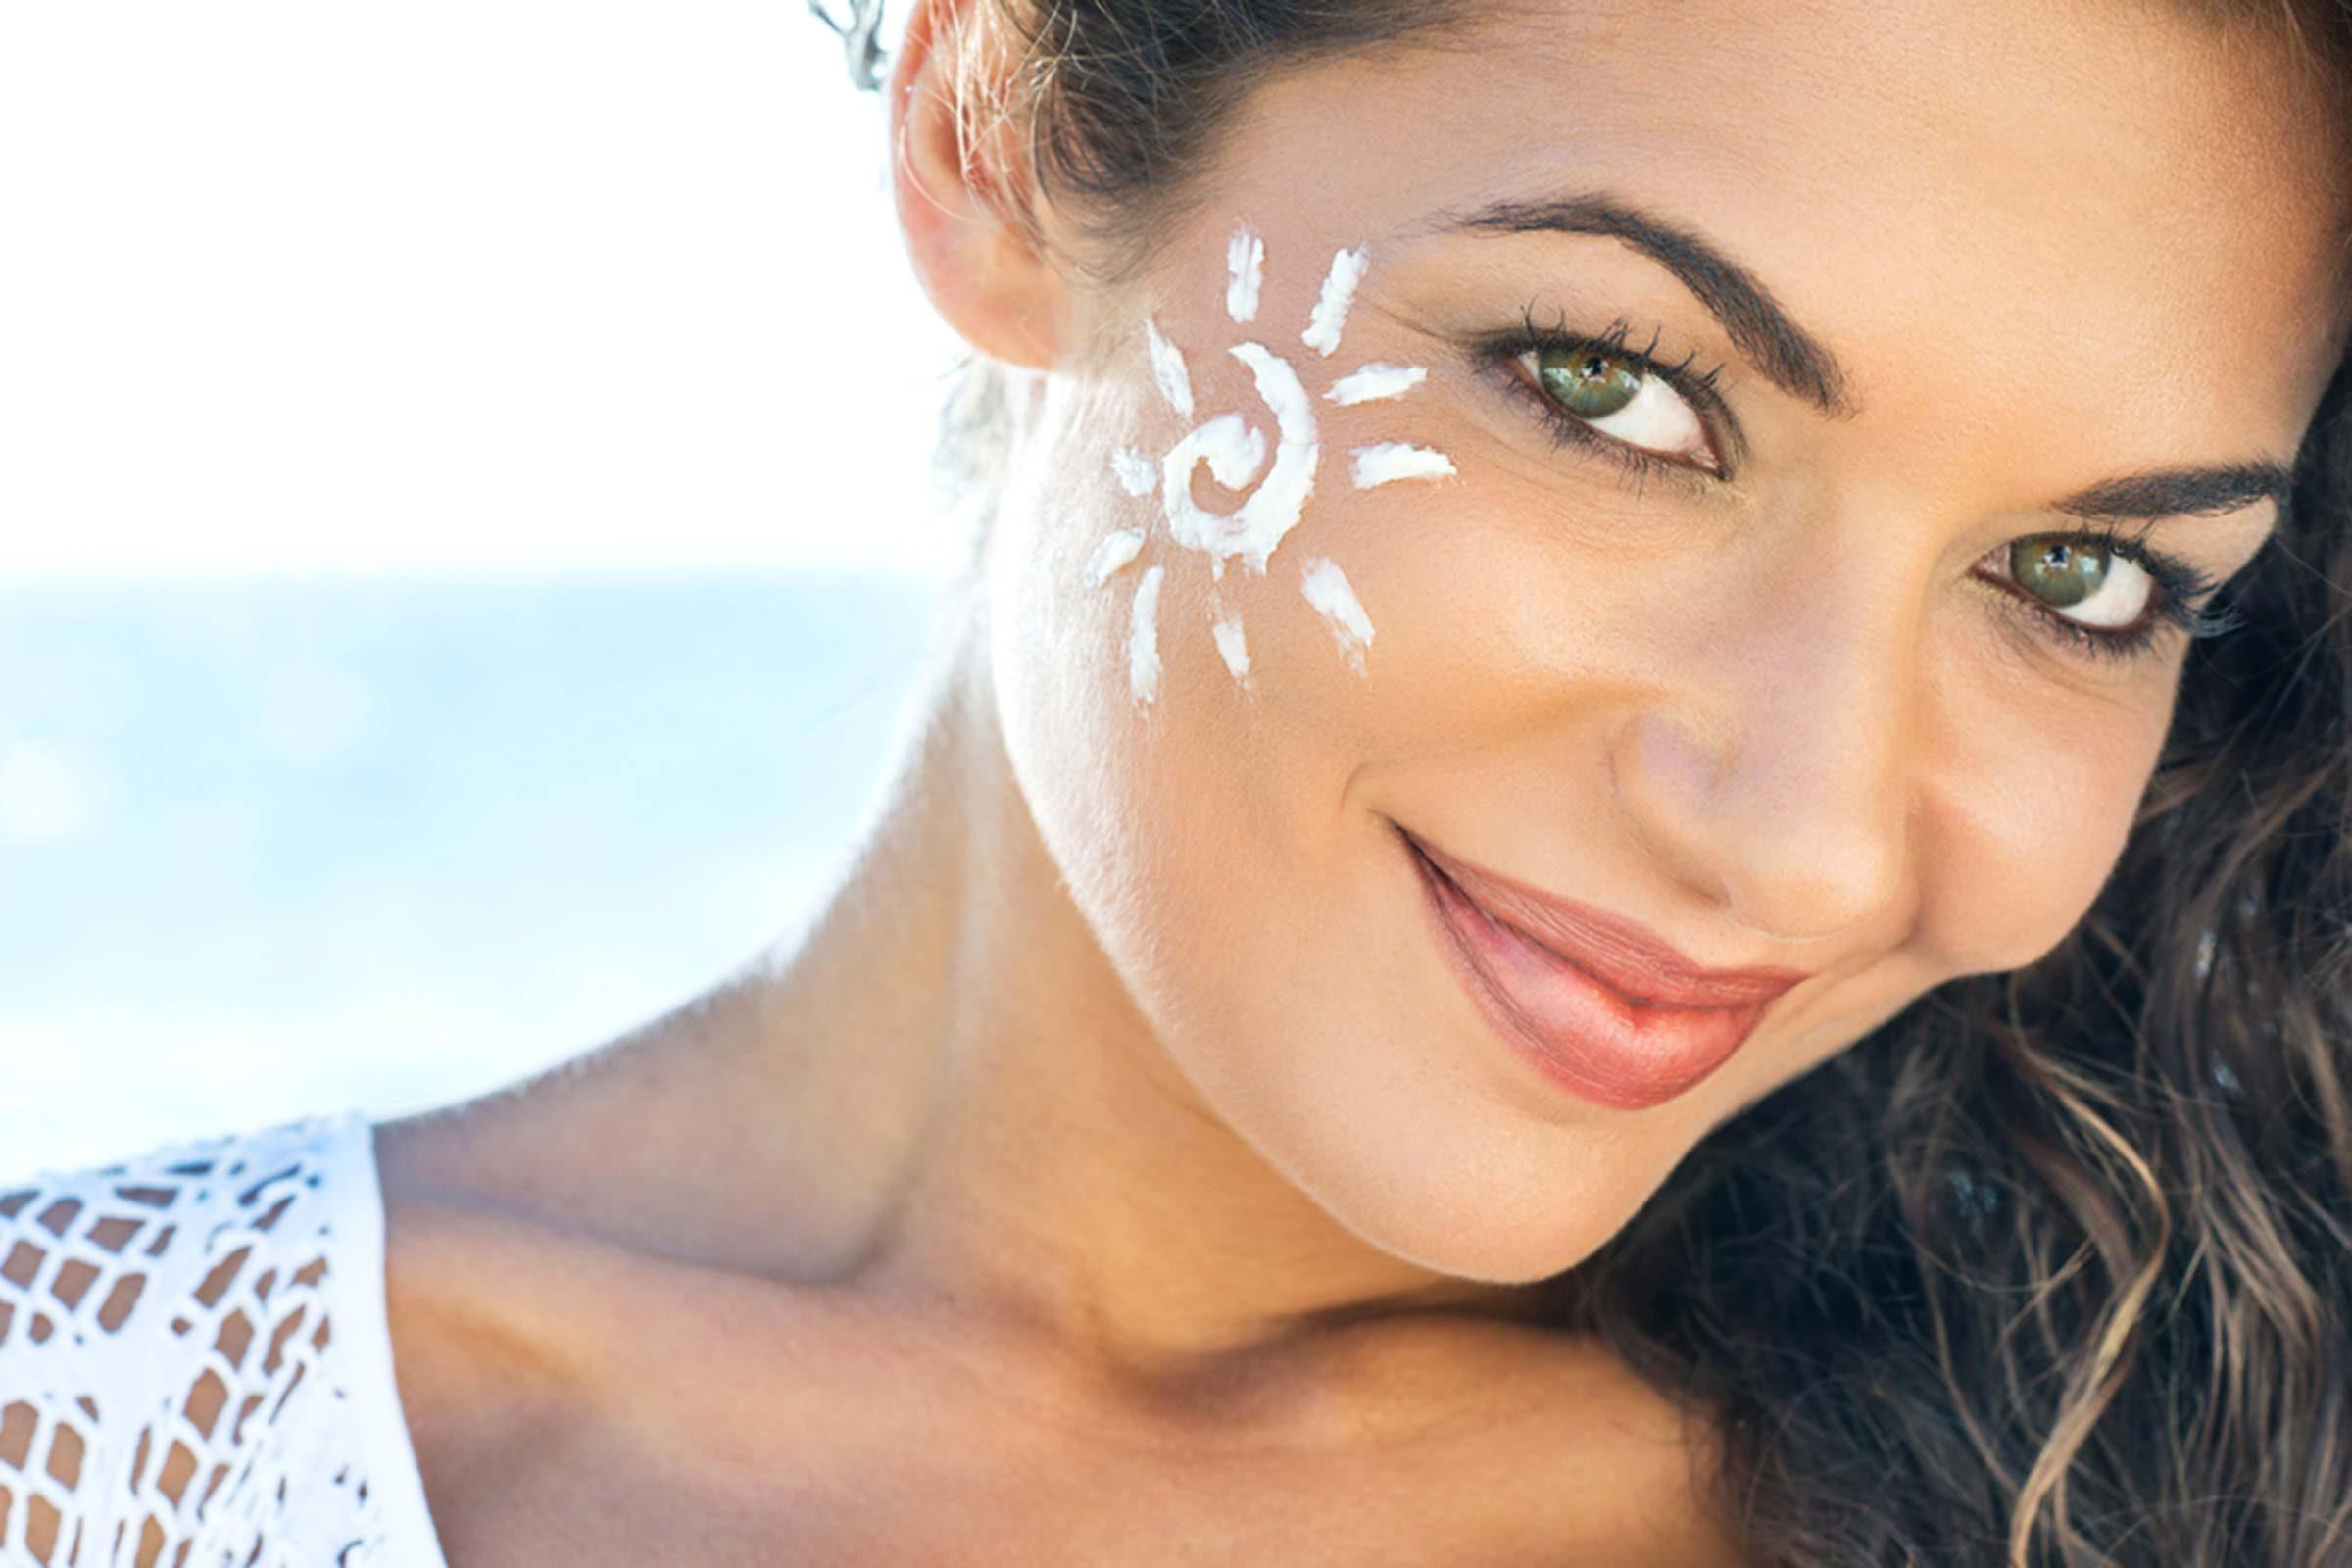 L'acné et l'importance de prendre soin de sa peau